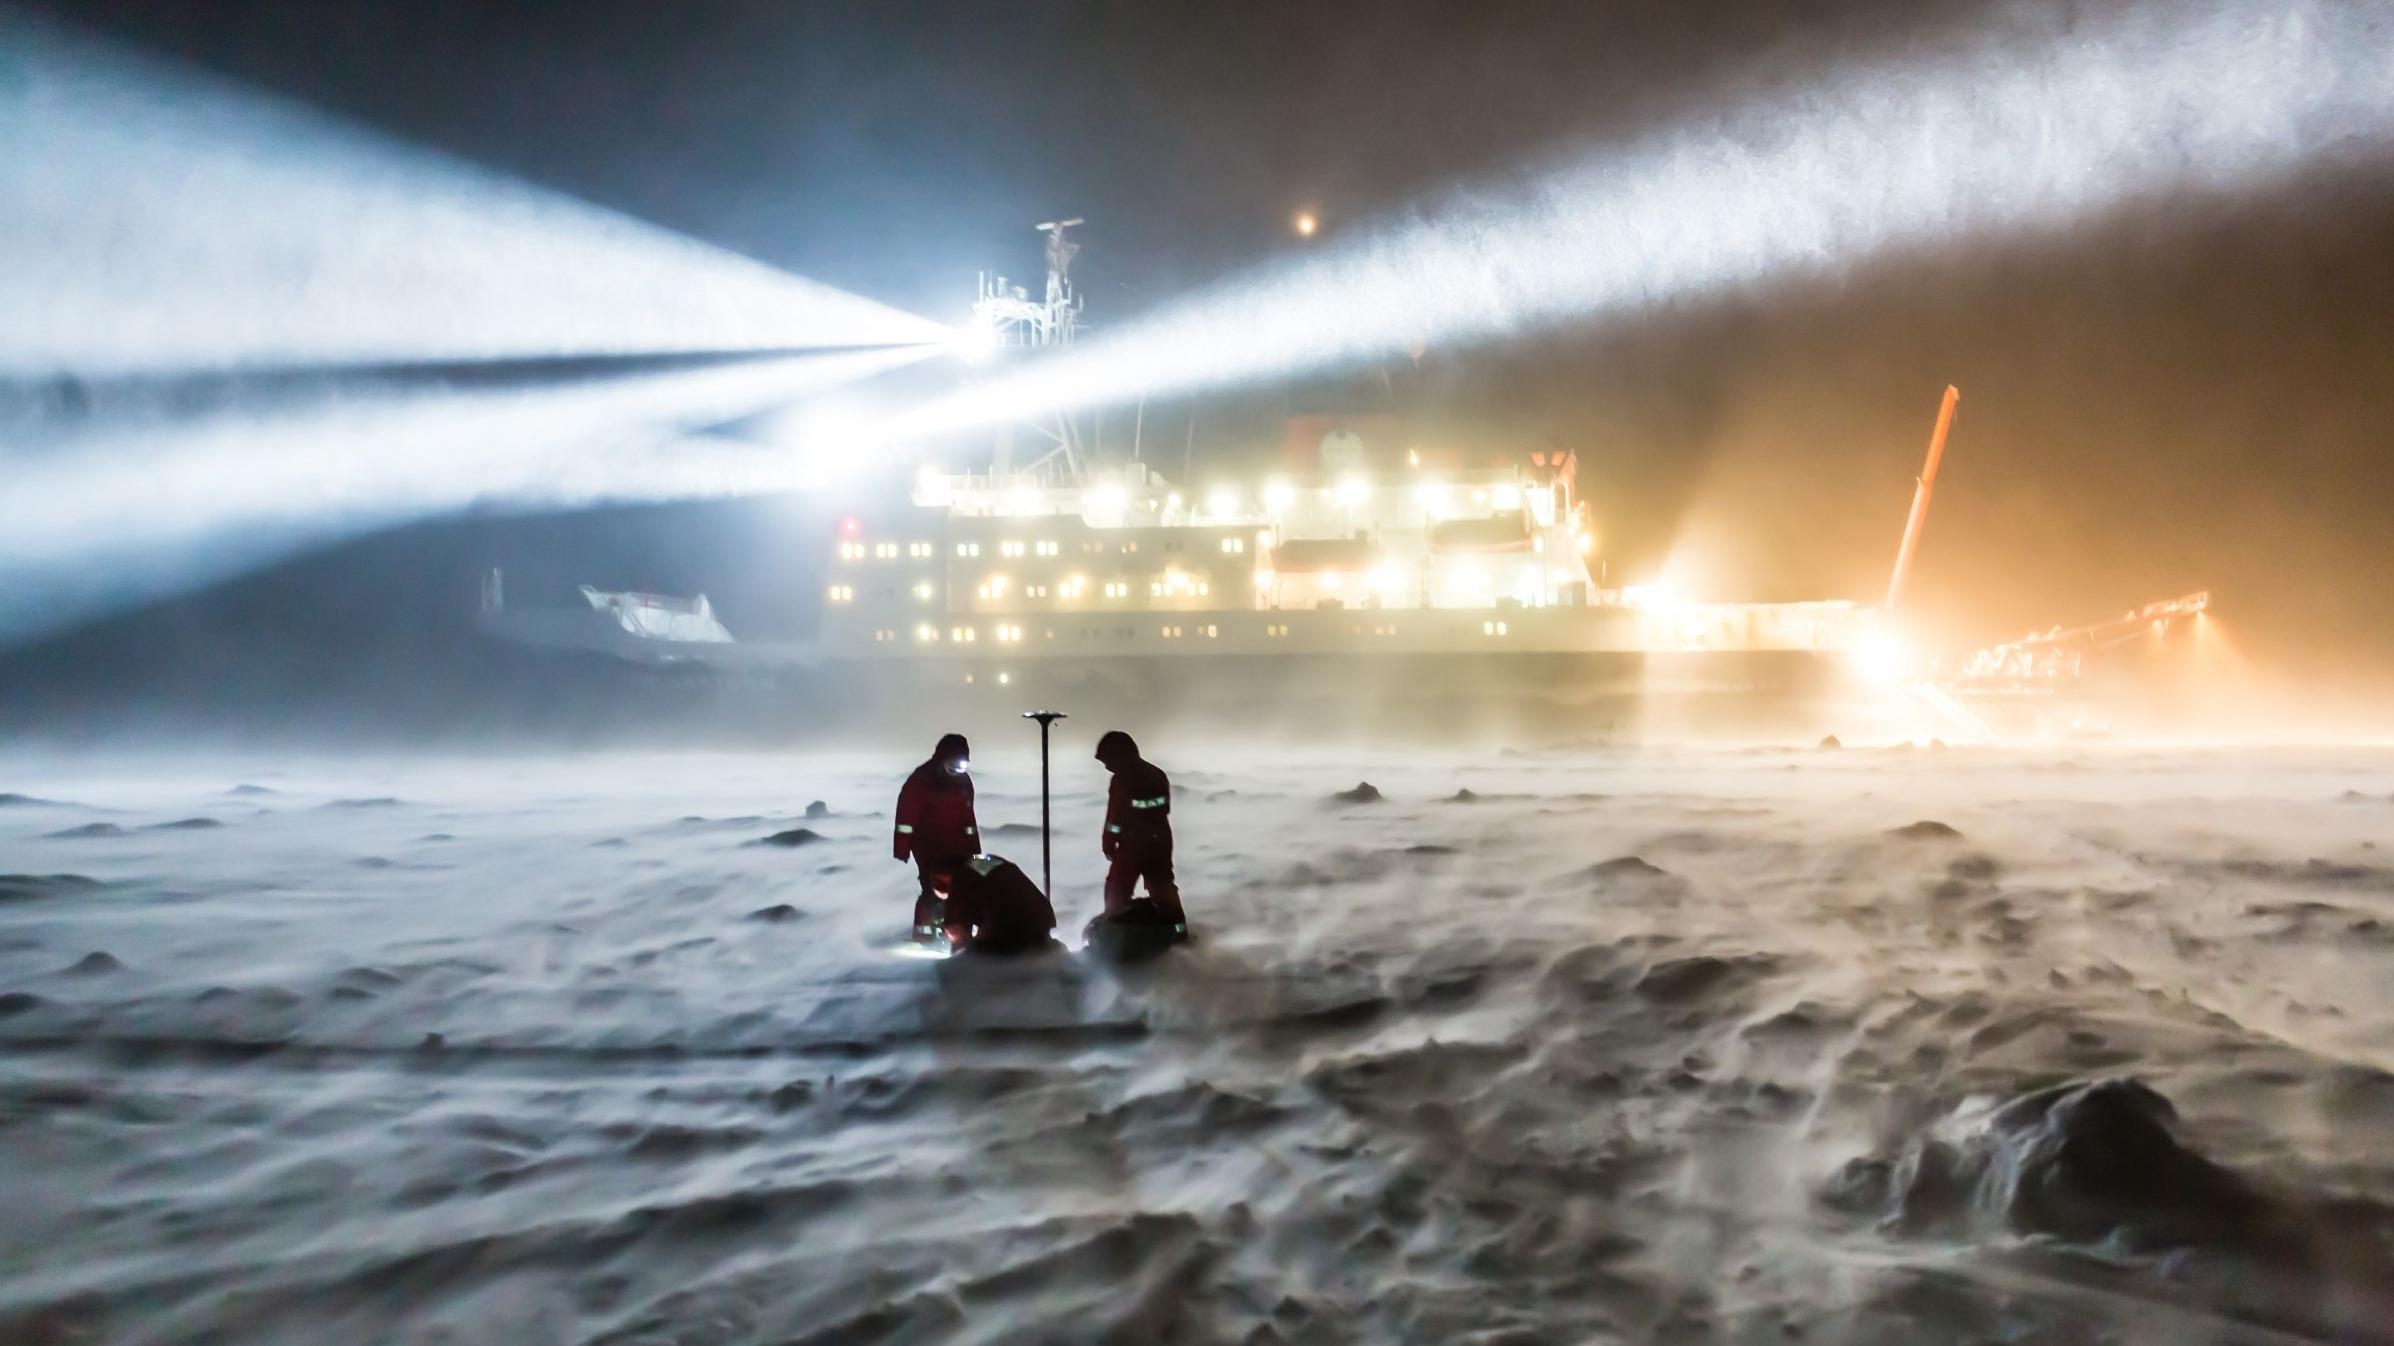 Der Forschungseisbrecher Polarstern lässt sich bei der MOSAiC-Expedition in der Arktis einfrieren und driftet ohne eigenen Antrieb durchs Nordpolarmeer.